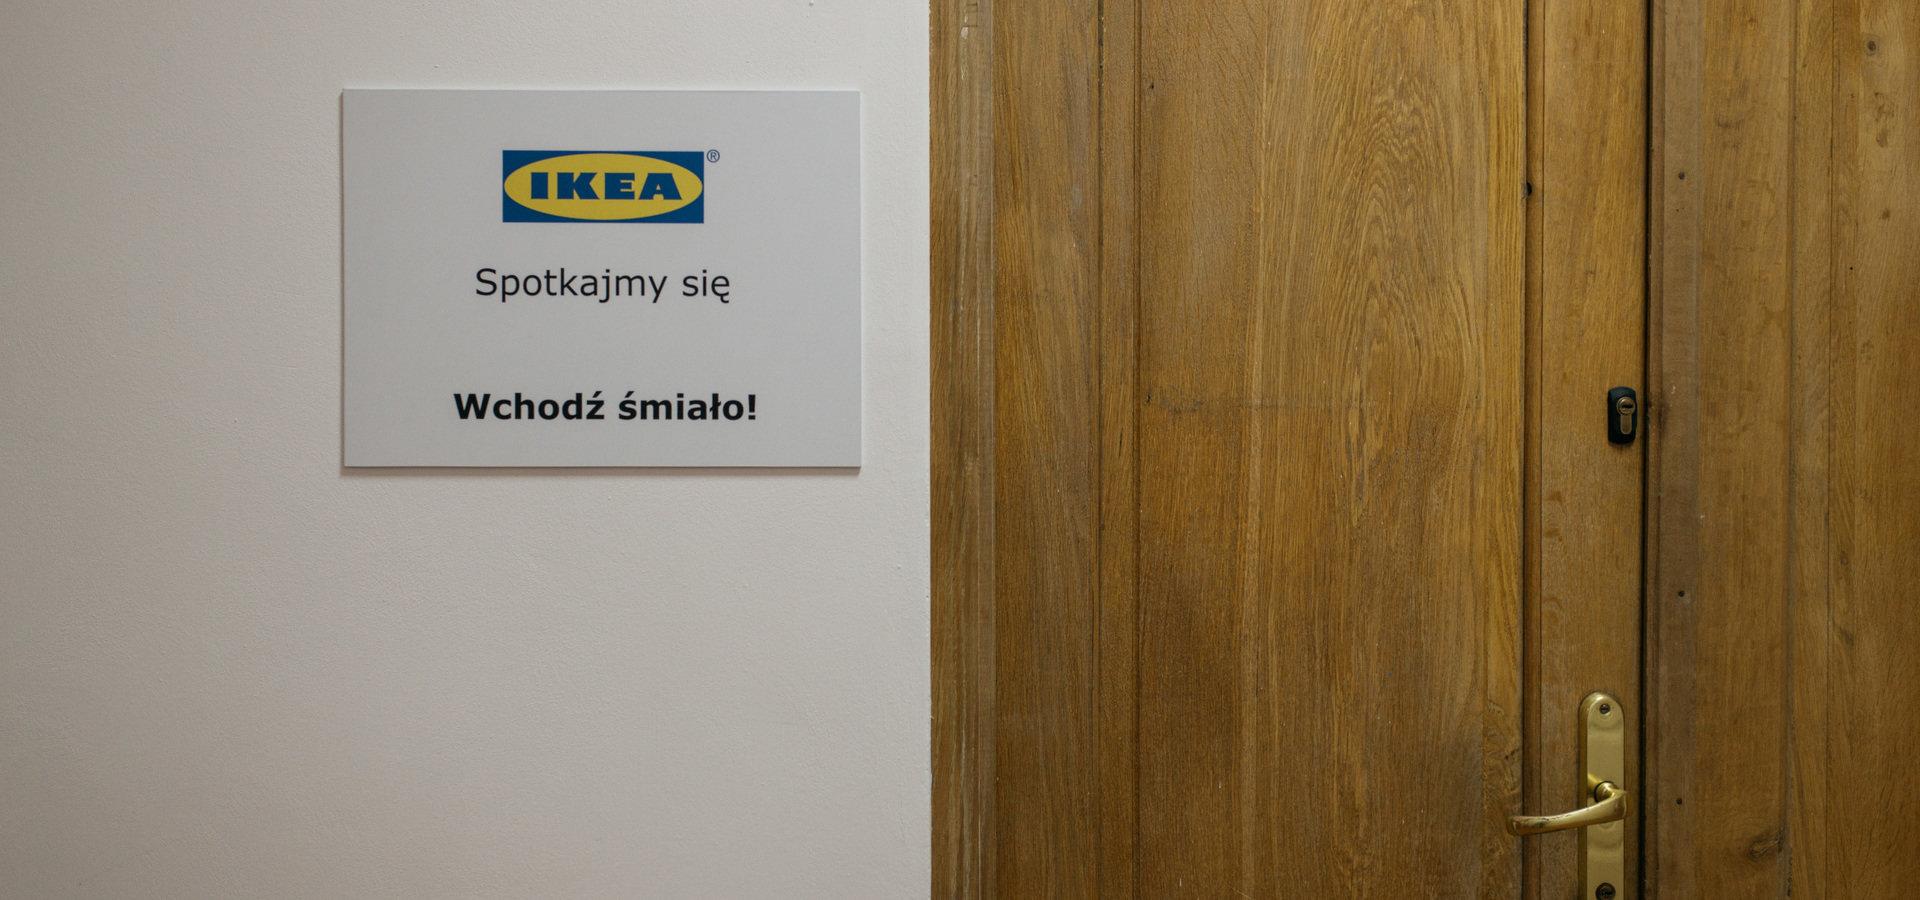 Ruszyła rekrutacja do sklepu IKEA w Lublinie